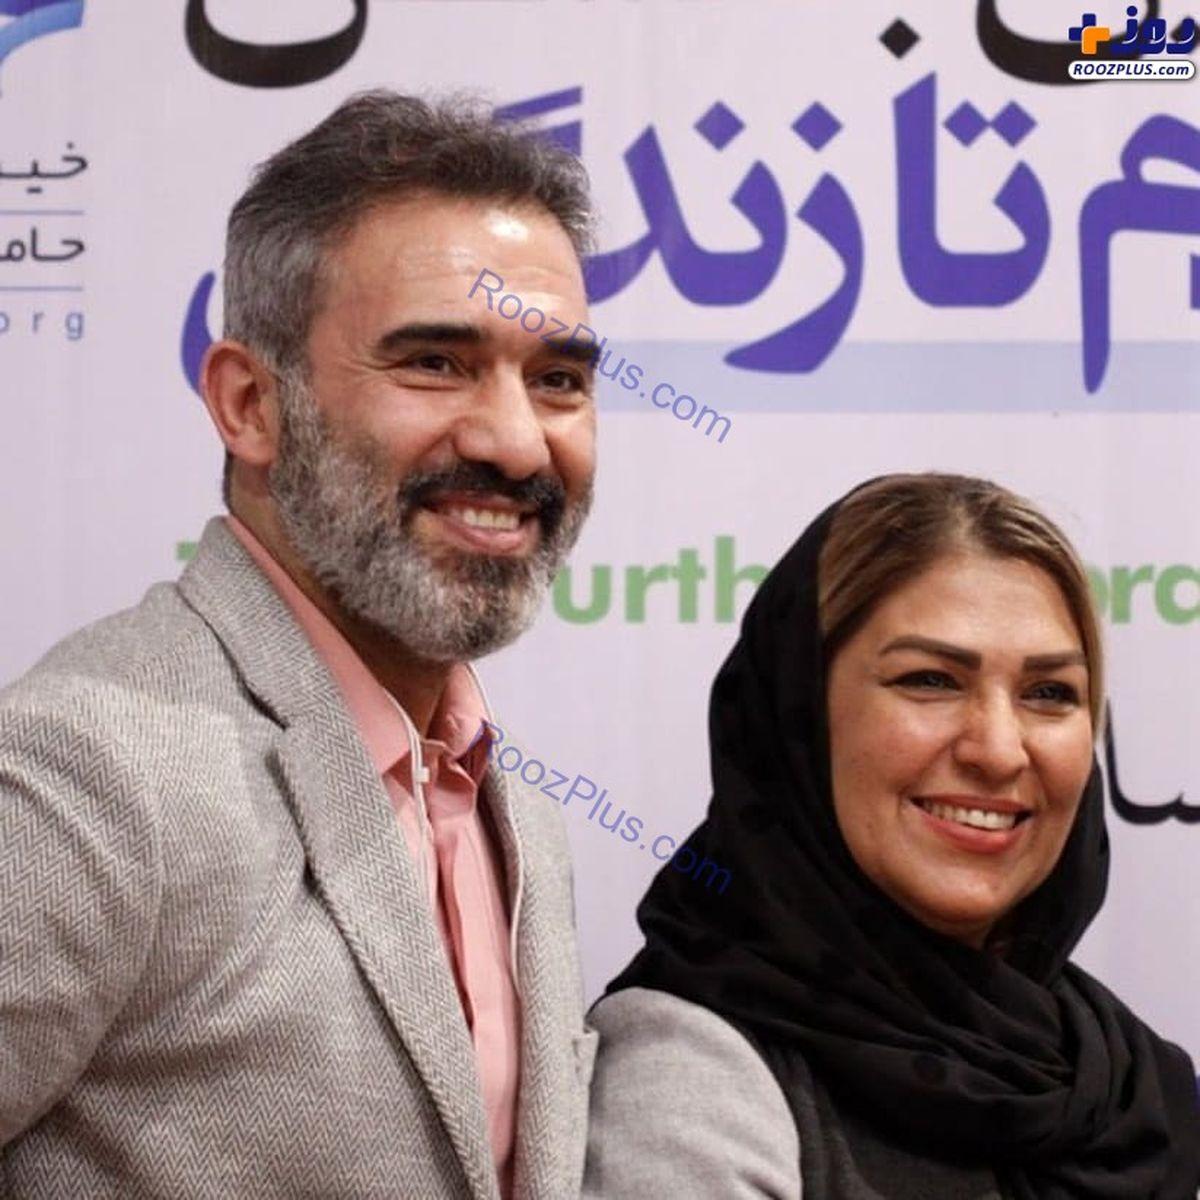 اخبار فوتبالی:ازدواج غیابی احمد رضا عابدزاده